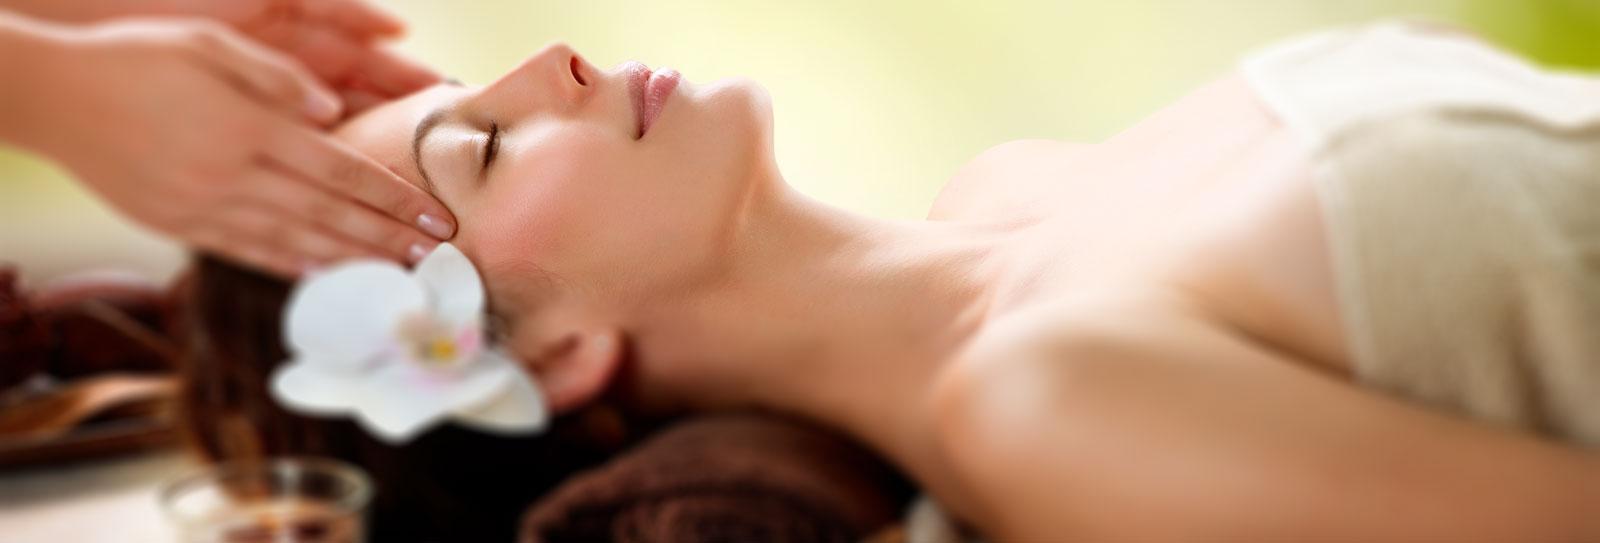 Samran massage